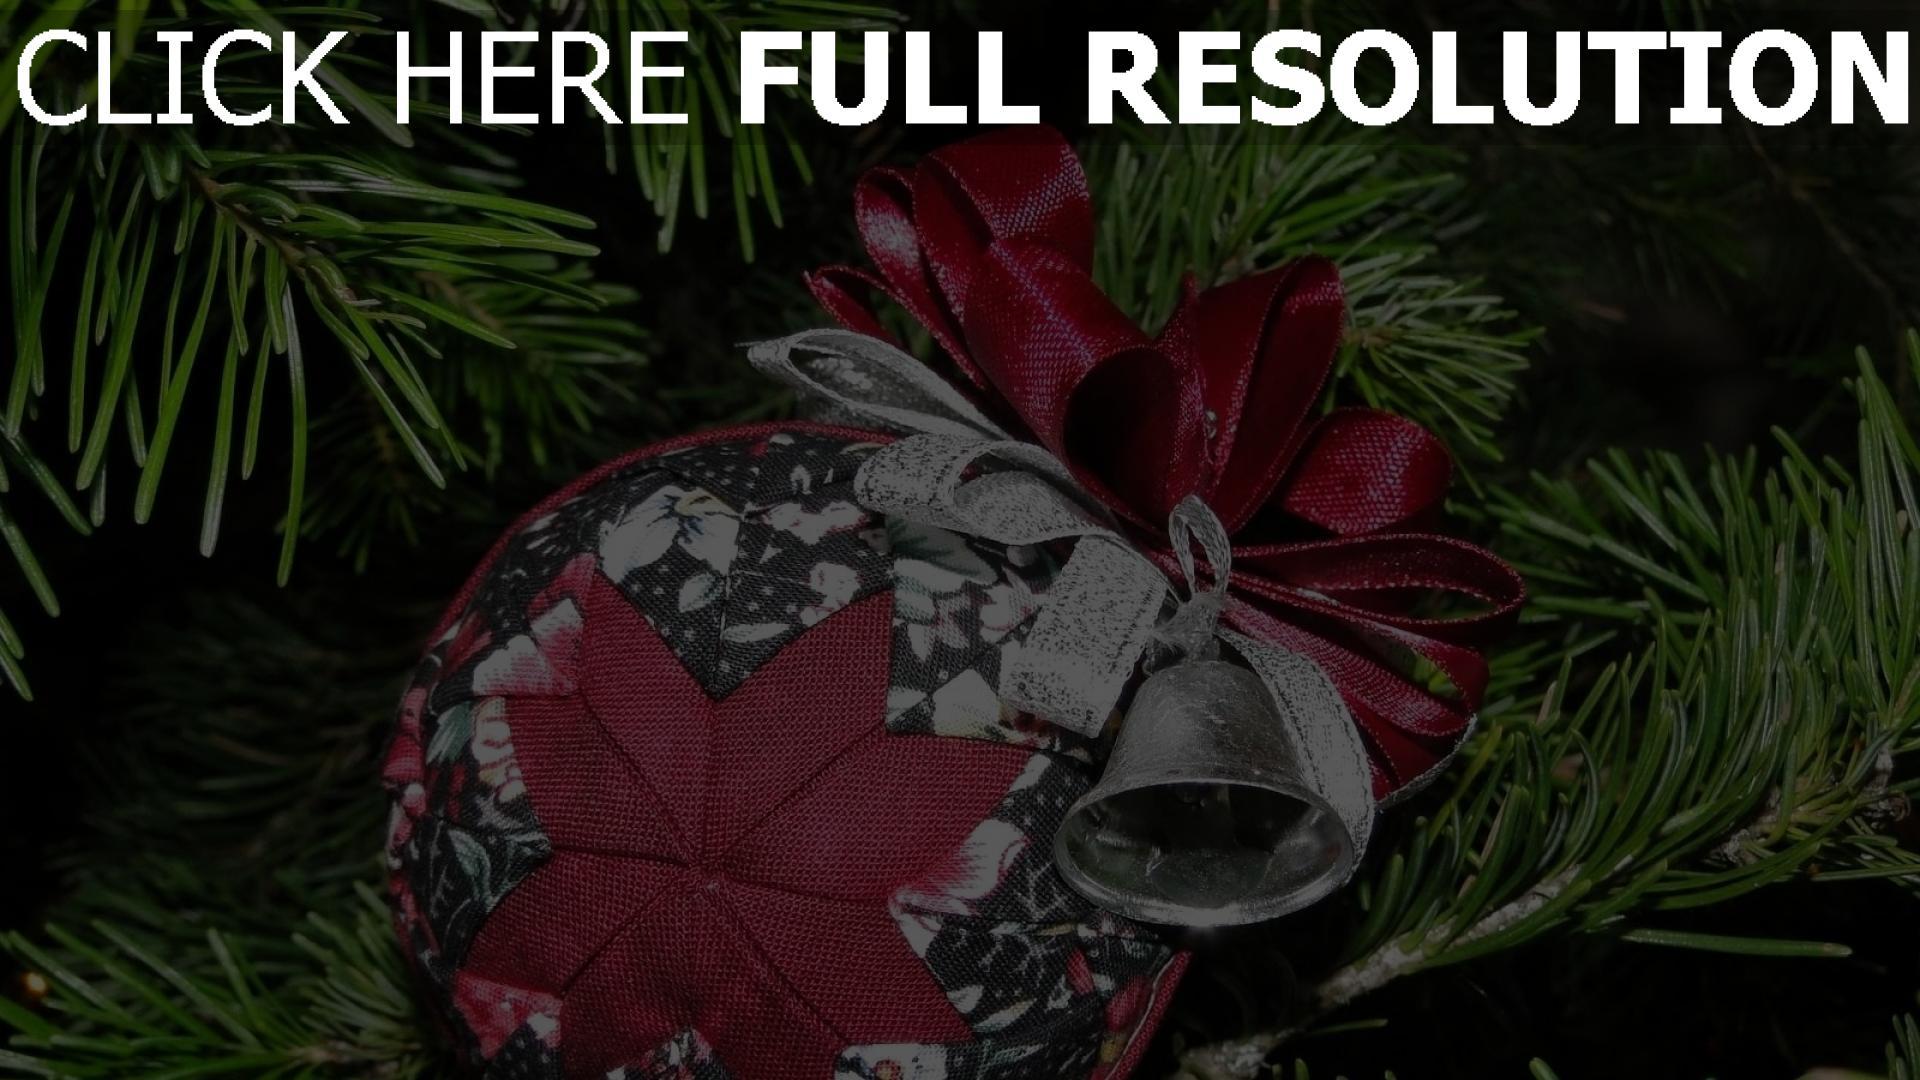 hd hintergrundbilder weihnachtsdekorationen nadeln urlaub neues jahr nadel feier close-up 1920x1080